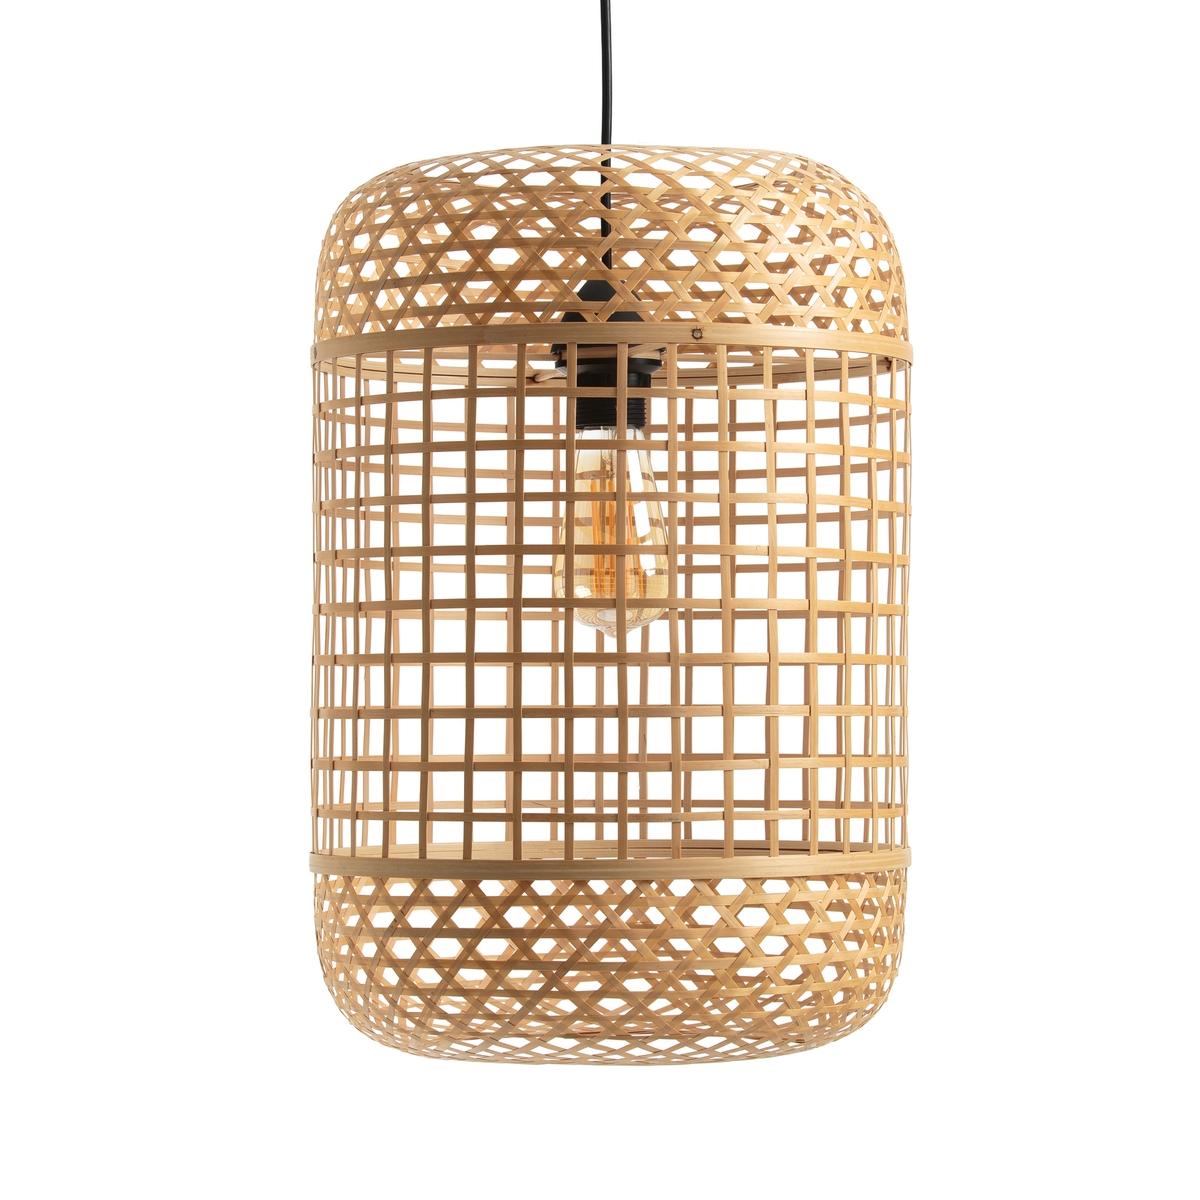 Светильник бамбуковый, В.46 см, CORDOСветильник из натурального бамбука Cordo. Светильник Cordo с 2 различными плетеными узорами очень естественно рассеивает свет. Не электрифицирован.Характеристики светильника Cordo : Светильник из натурального бамбука, сплетенный вручную.Подходит для патрона E27 .Товар не электрифицирован, электрические провода Baulind продаются на сайте laredoute.ru.Всю коллекцию светильников Cordo Вы найдете на laredoute.ru.Размеры светильника Cordo :Диаметр : 32 смВысота : 46 см<br><br>Цвет: серо-бежевый